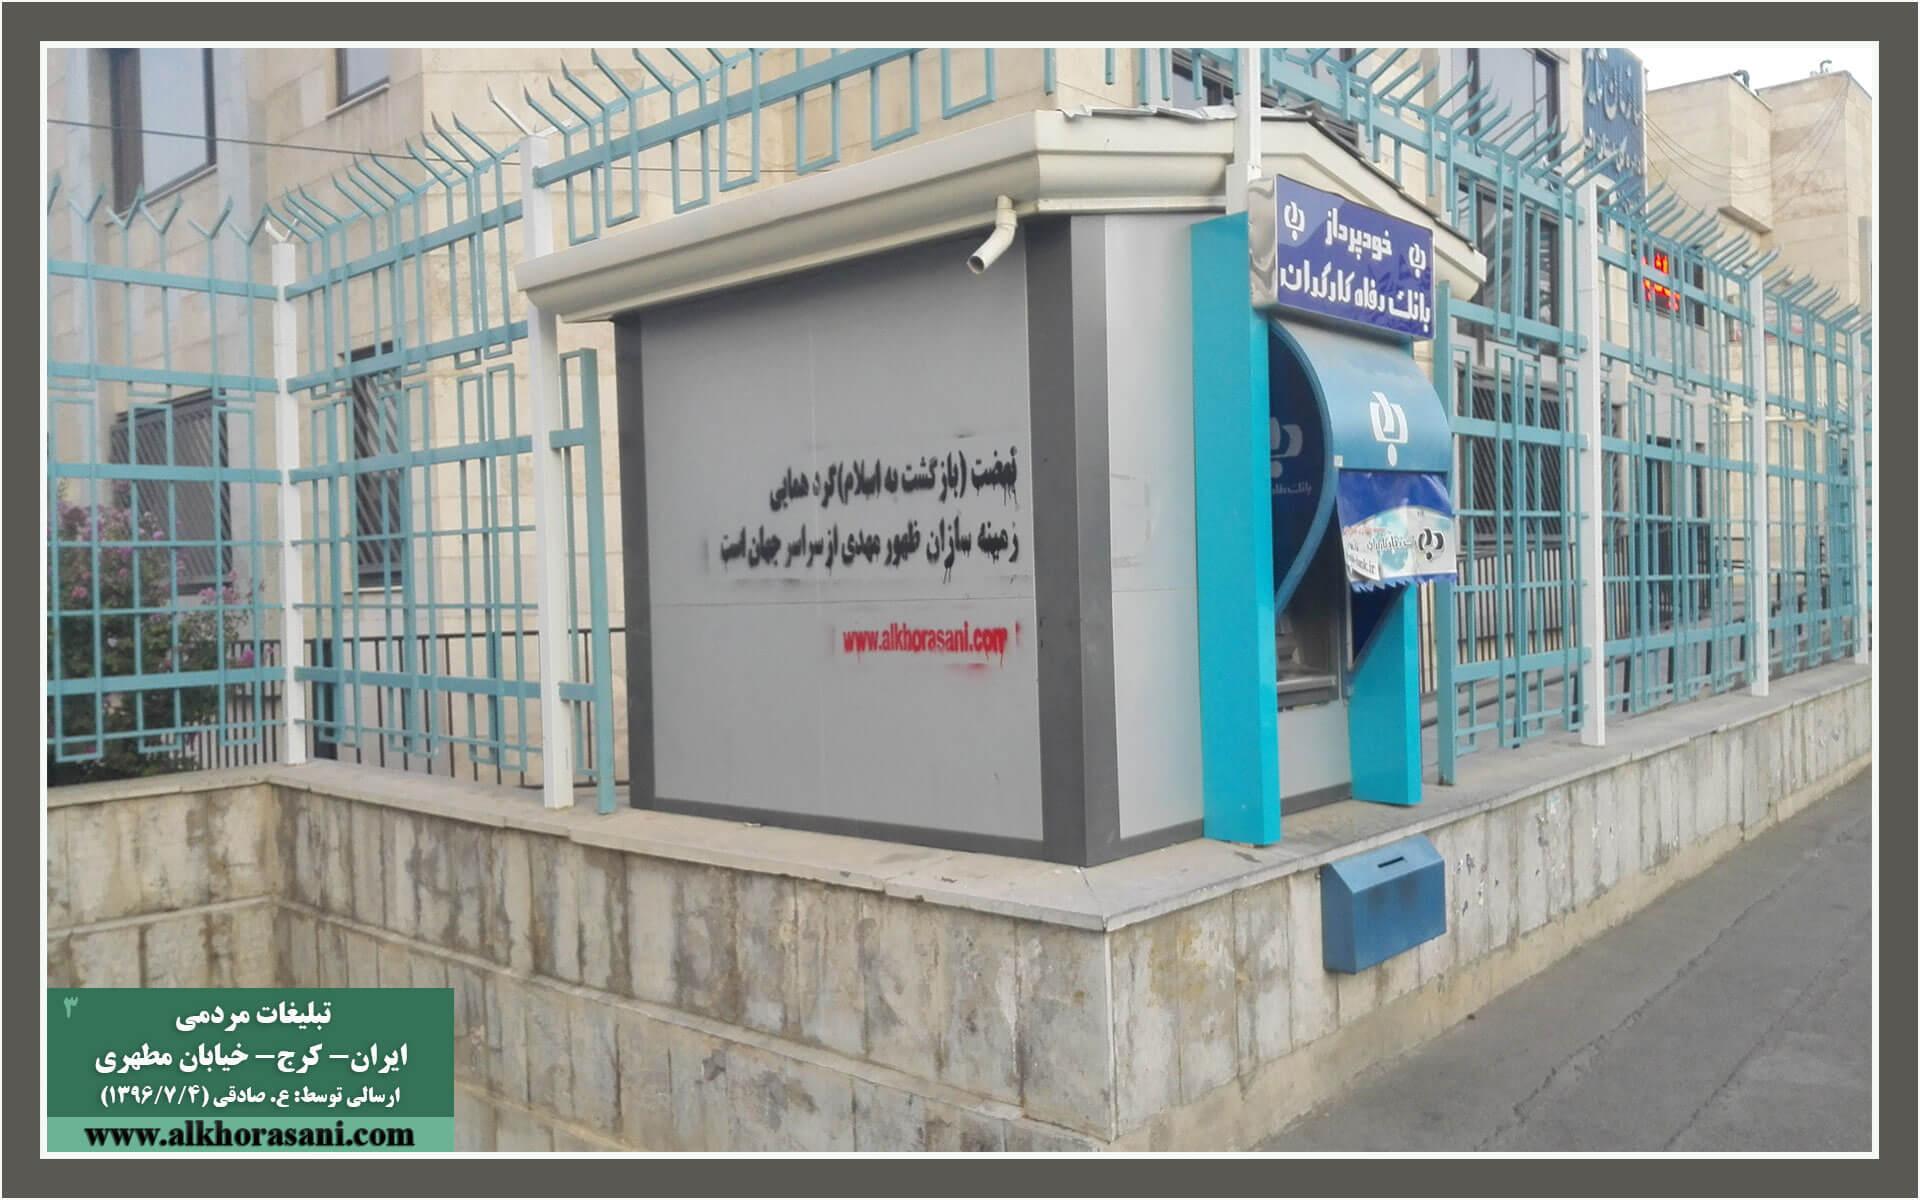 تبلیغات منصور هاشمی خراسانی؛ کرج